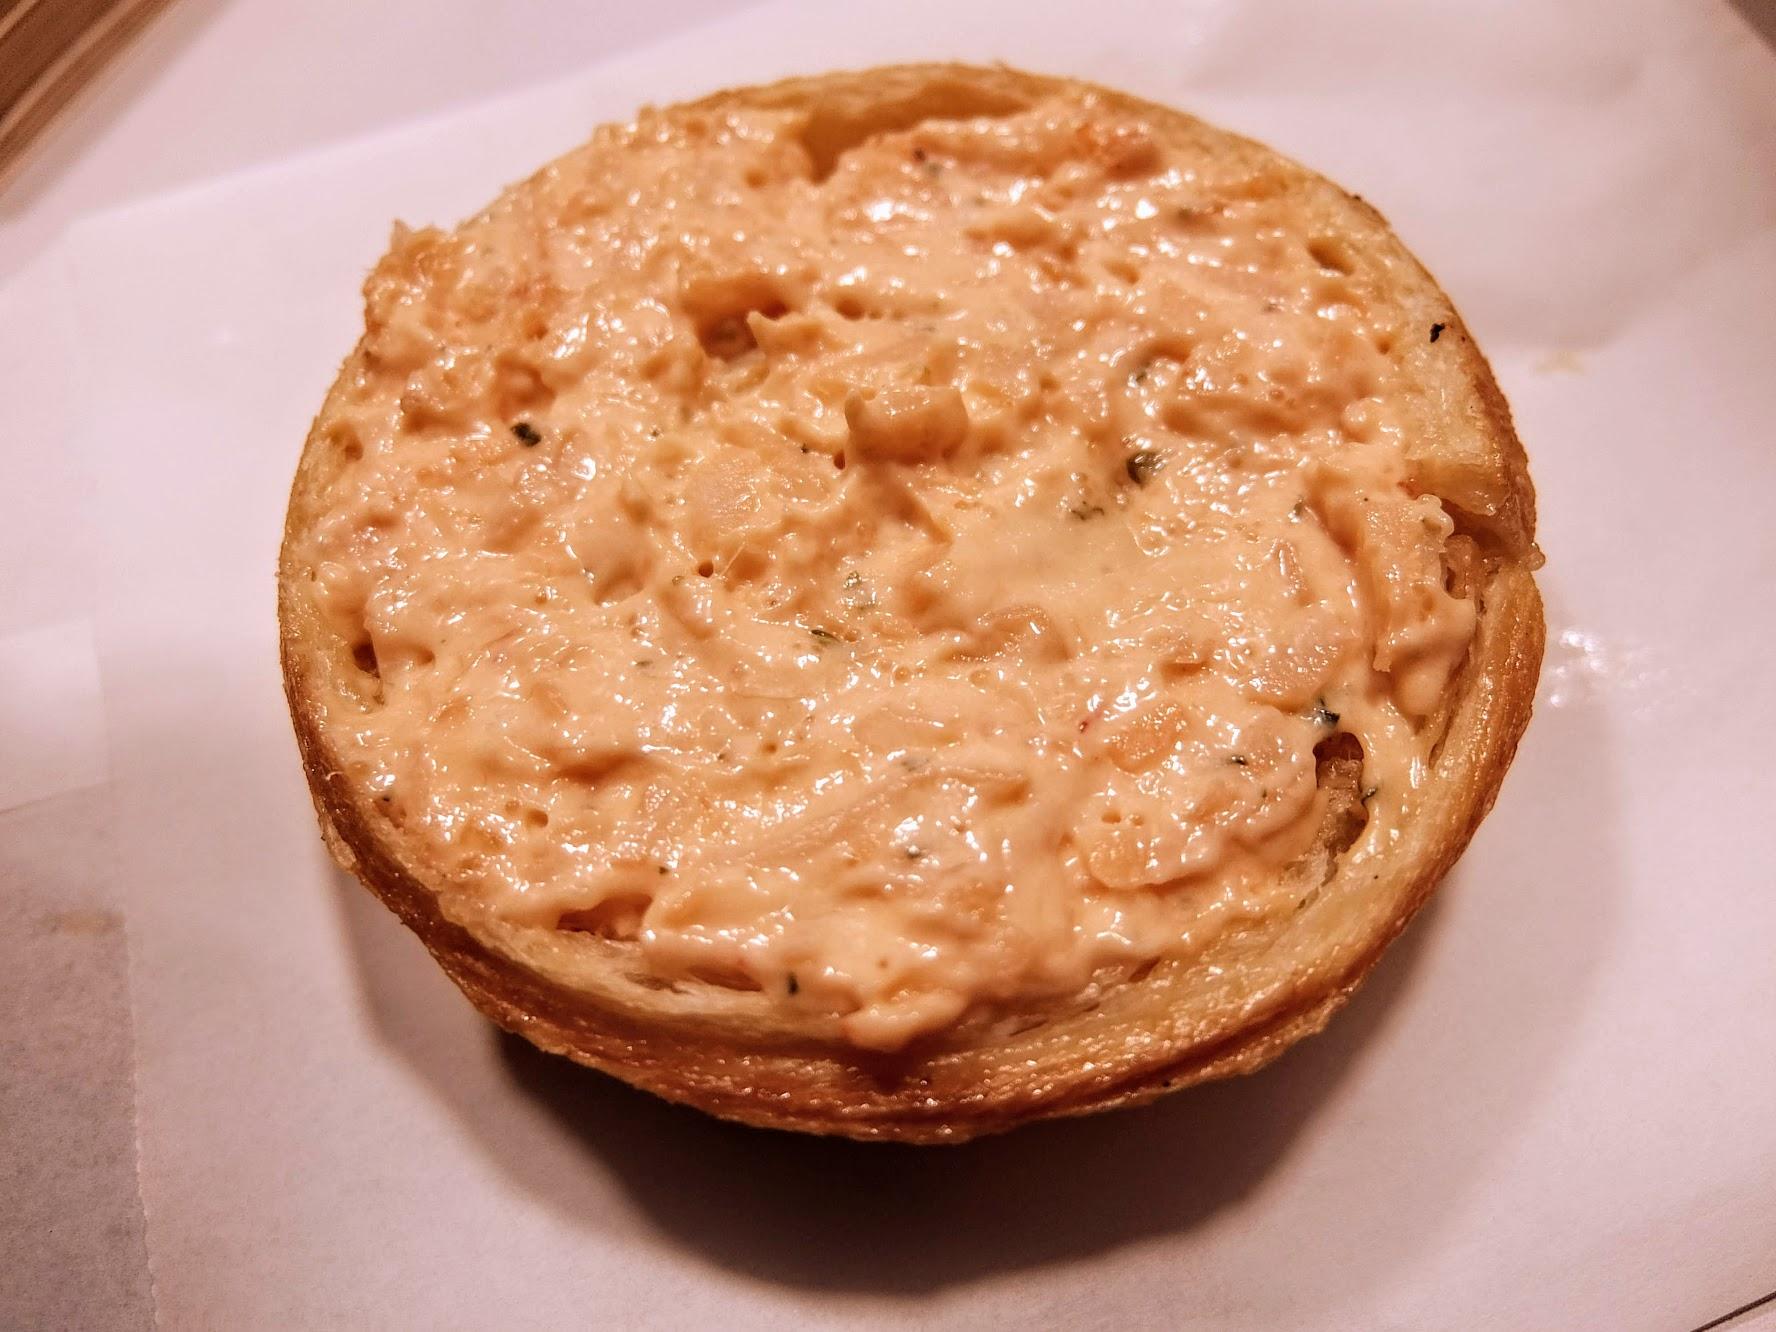 龍蝦沙拉是鹹的口味,中間就是抹上這種沙拉囉! 帶著一點芥末的口感,但如果跟珍奶相比,珍奶口味比較讓人回味